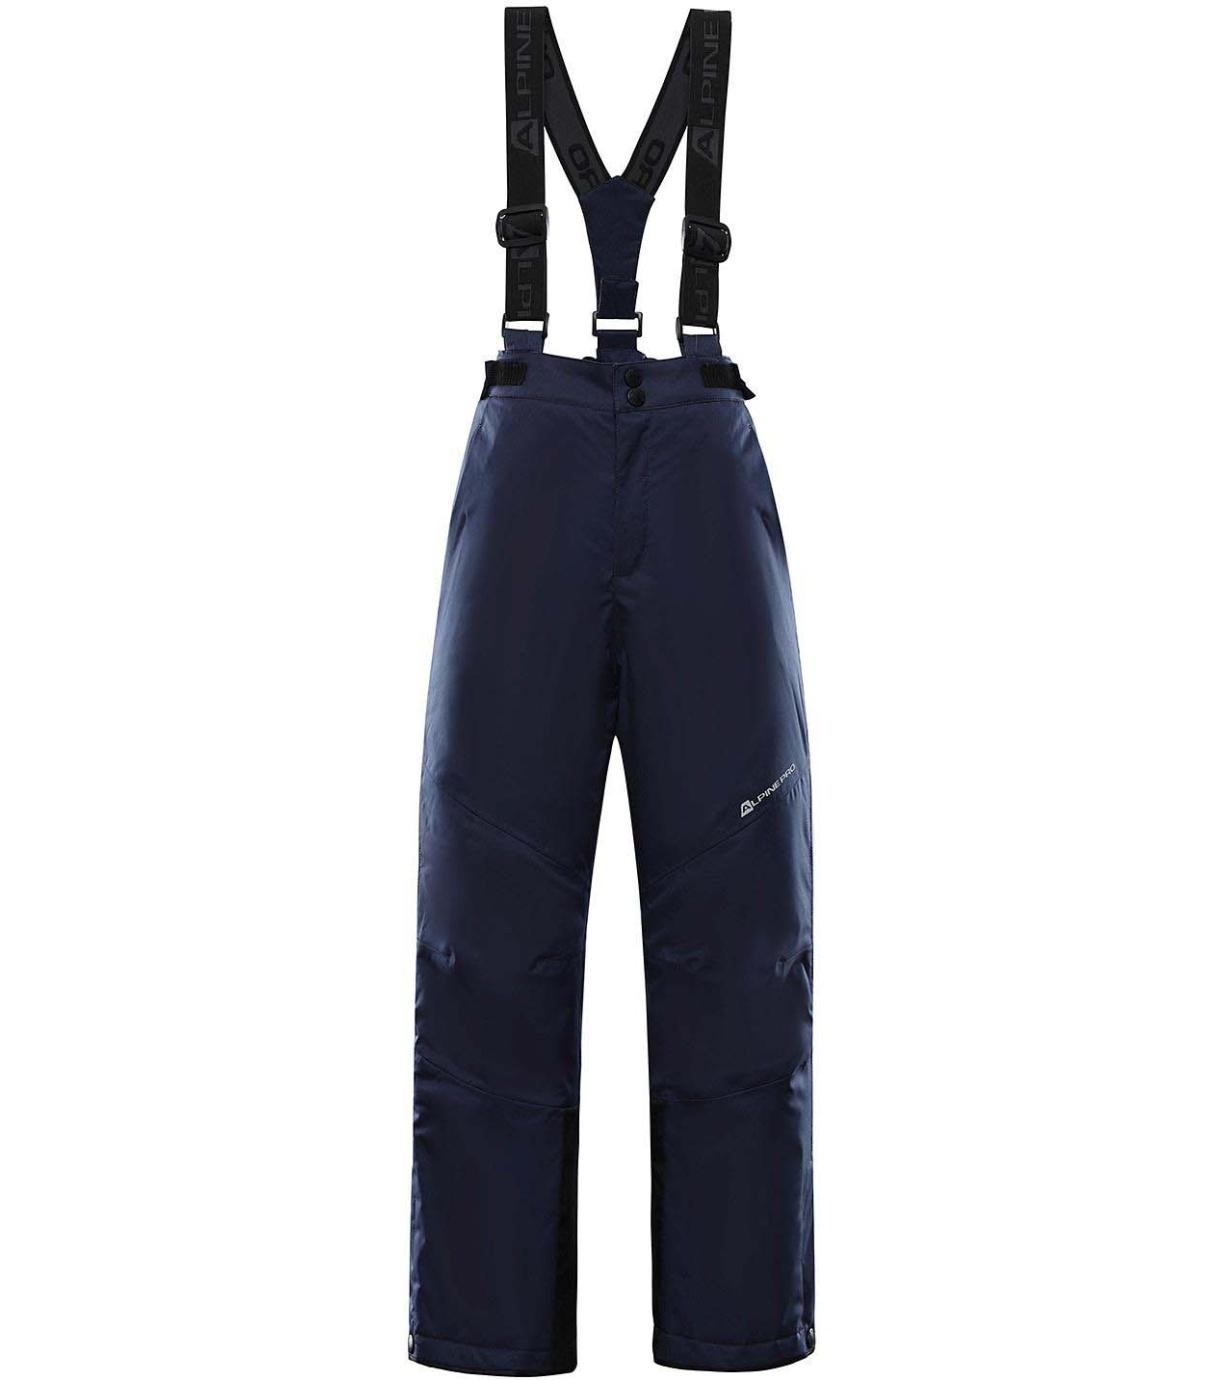 ALPINE PRO ANIKO 4 Dětské lyžařské kalhoty KPAS203602 mood indigo 128-134